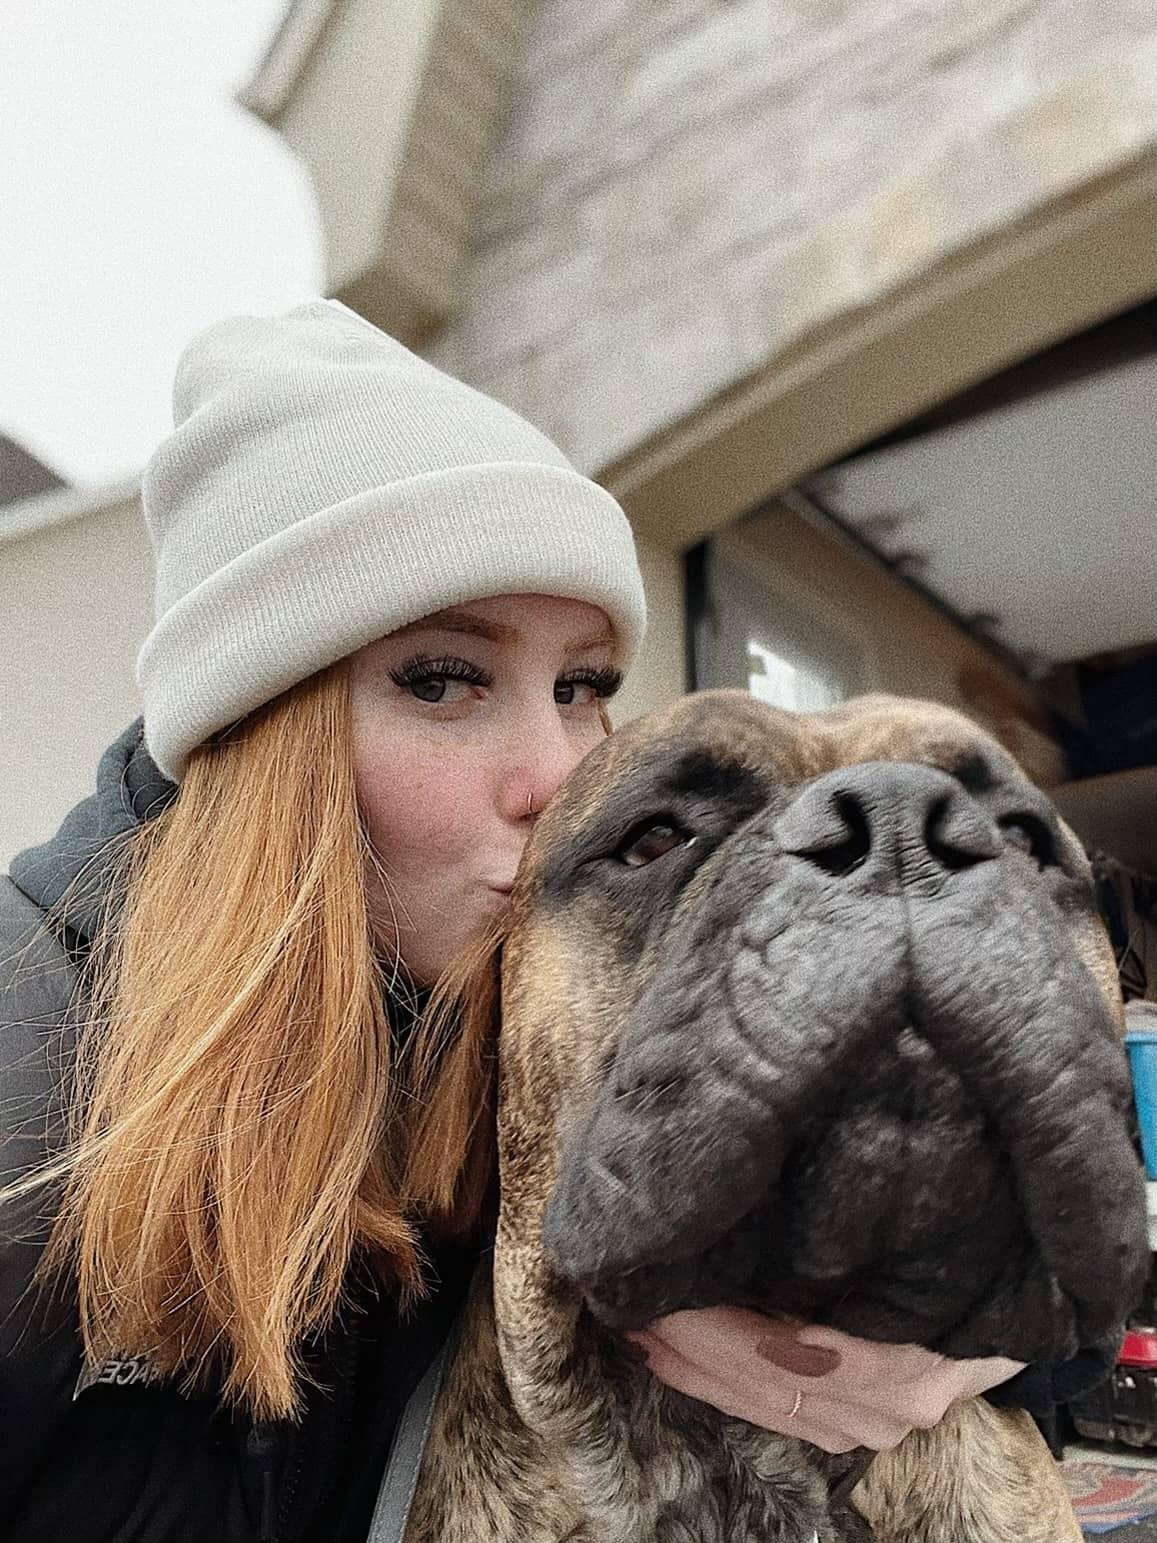 Jade Millette, Réceptionniste | Équipe Clinique vétérinaire du domaine vert, Mirabel